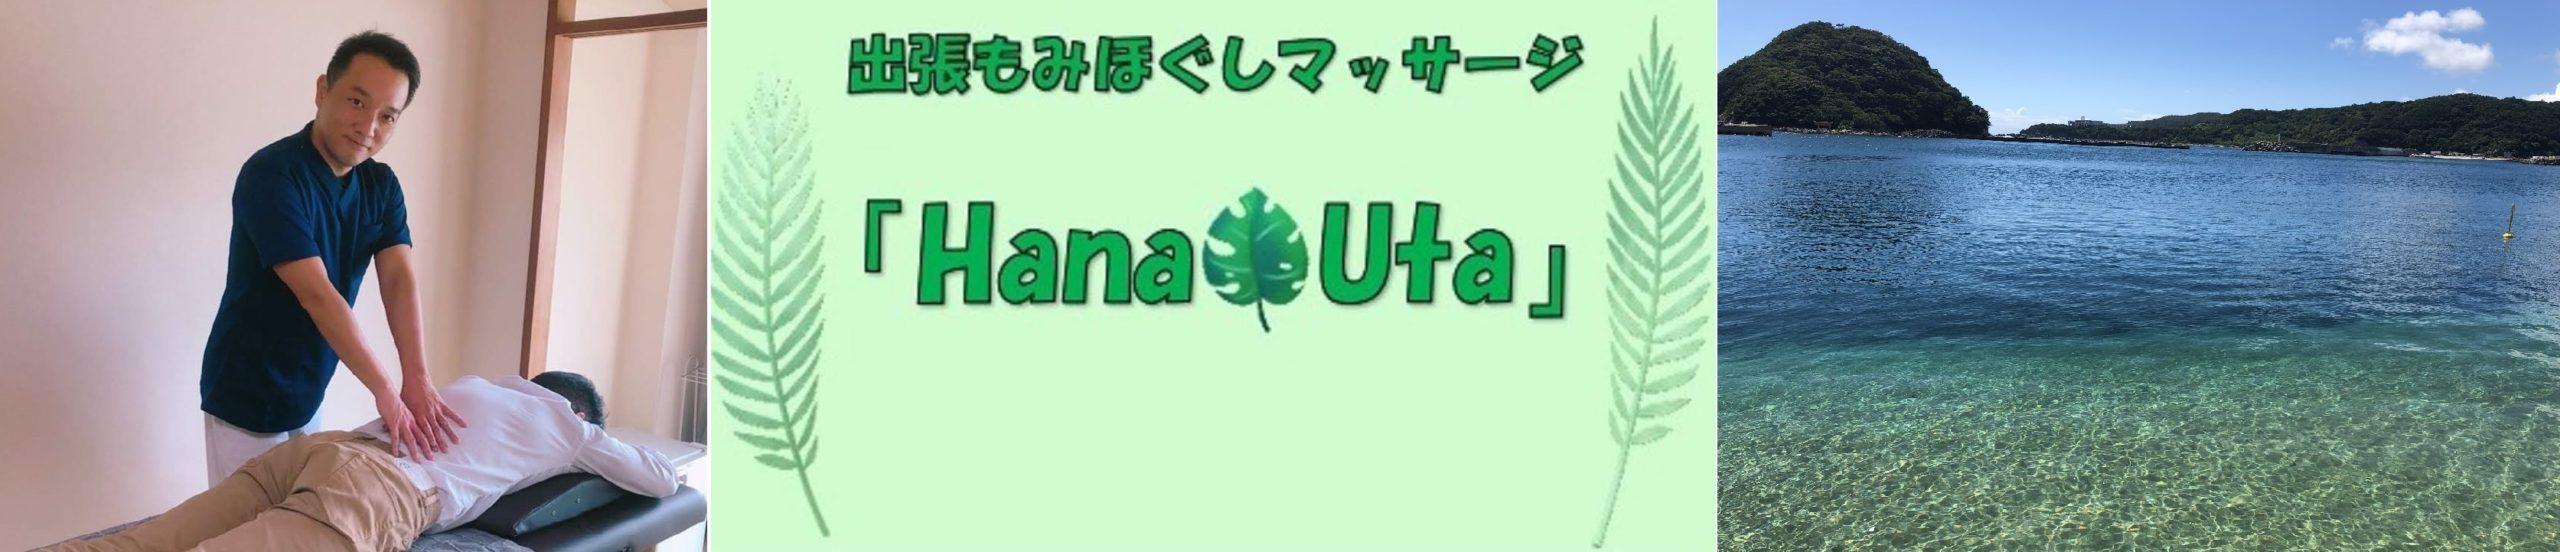 出張もみほぐしマッサージ店『hana-uta』ホームページ